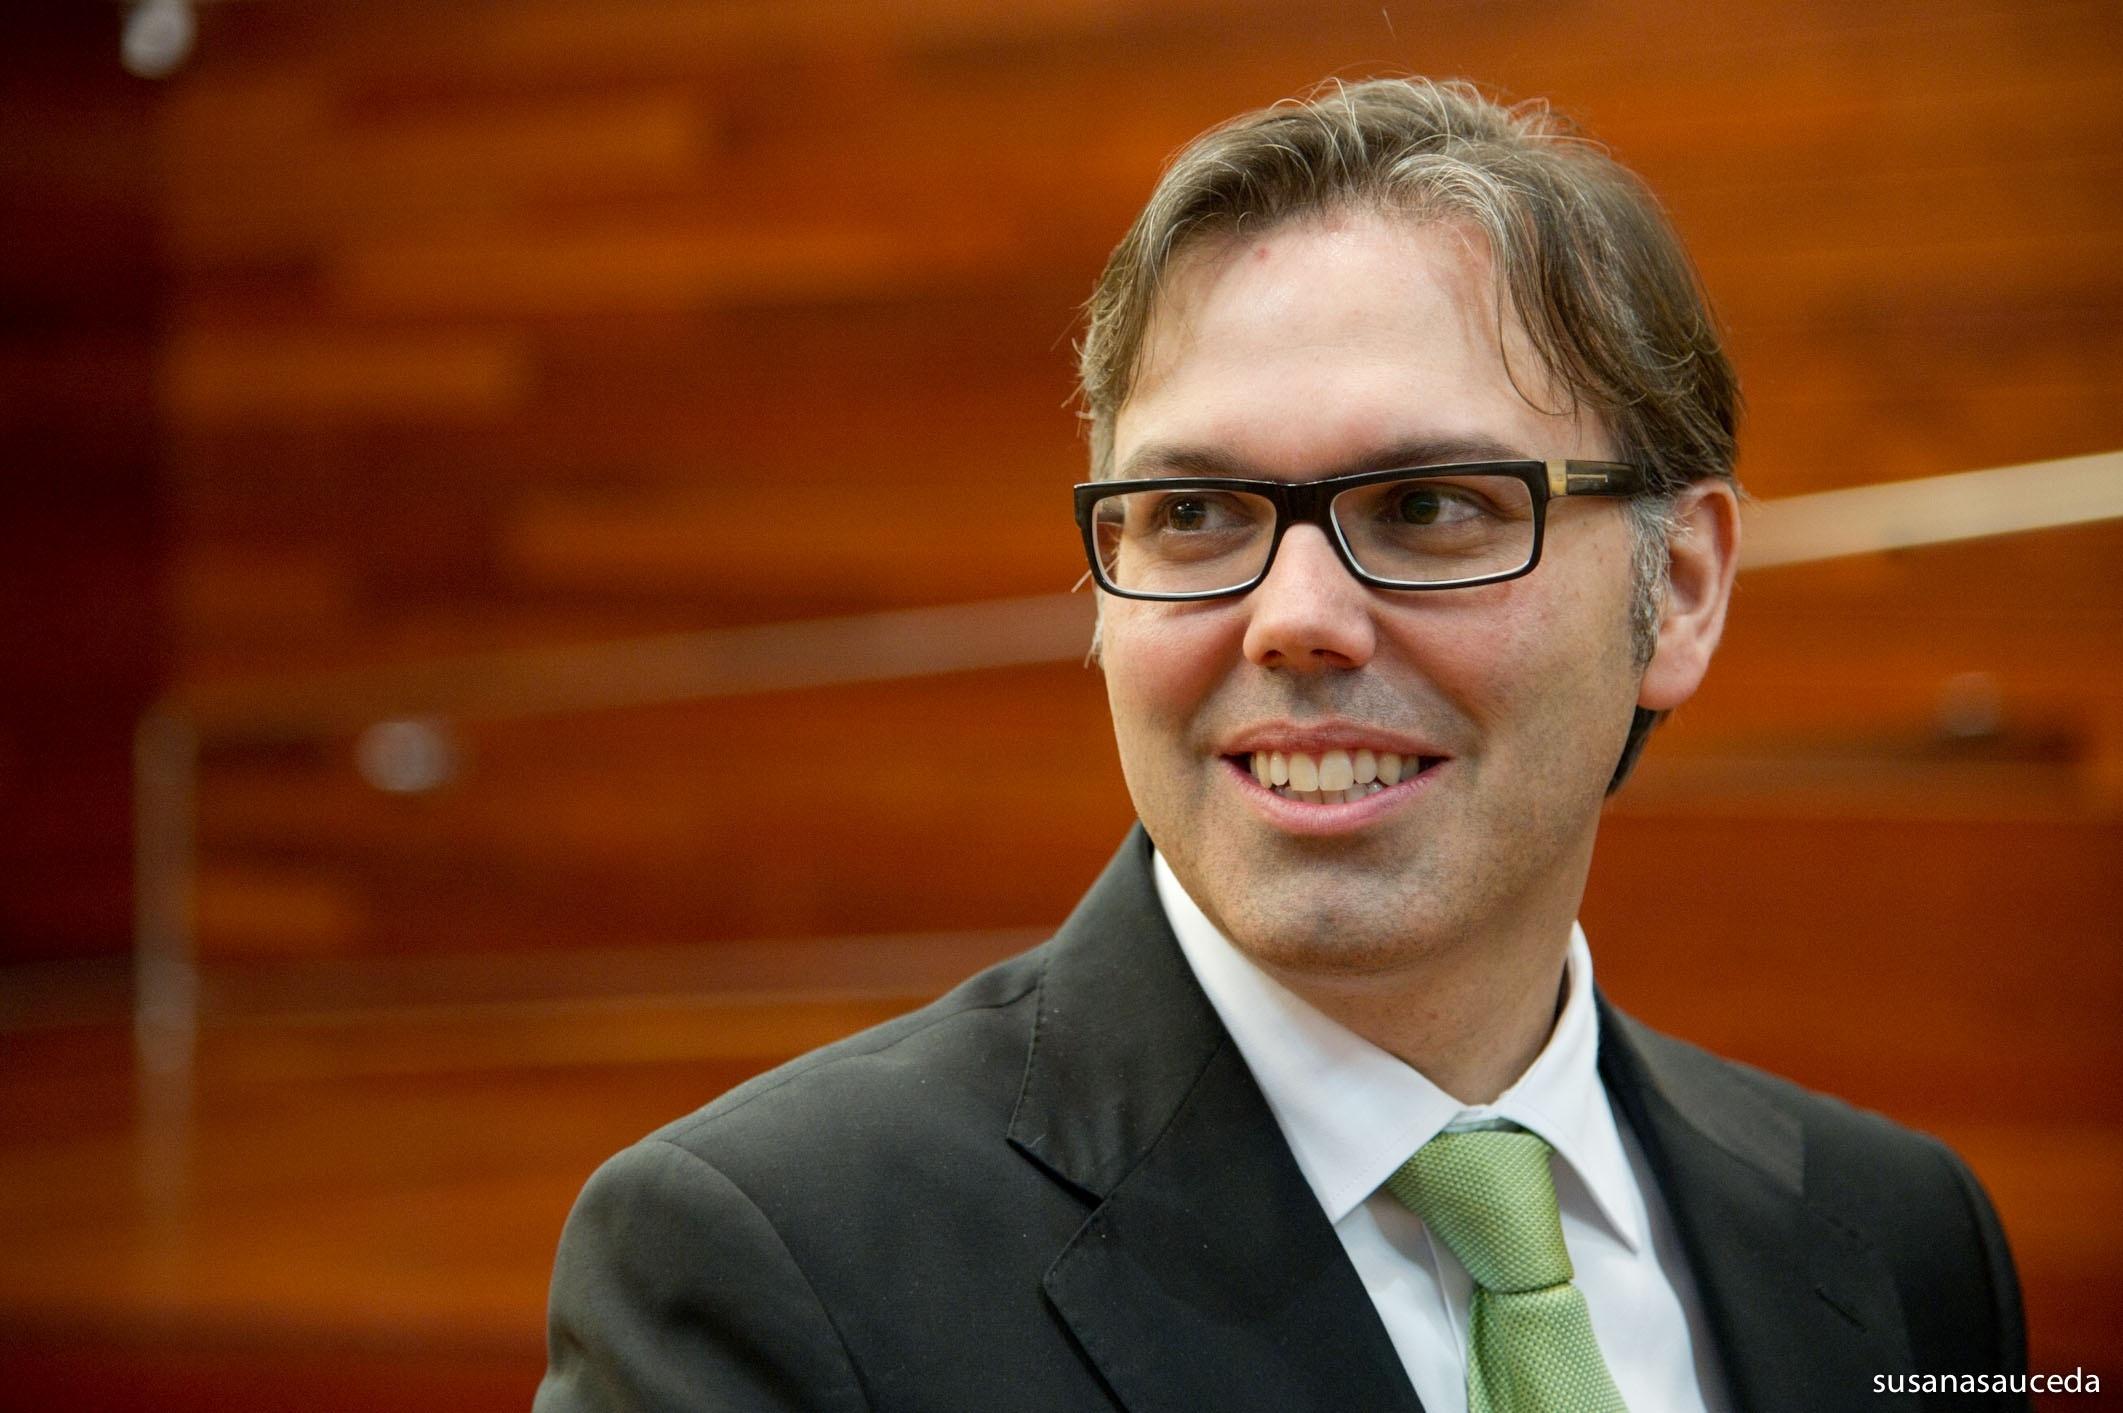 El presidente de la Fempex pide «unidad» entre los alcaldes ante la reforma de la Ley de Bases